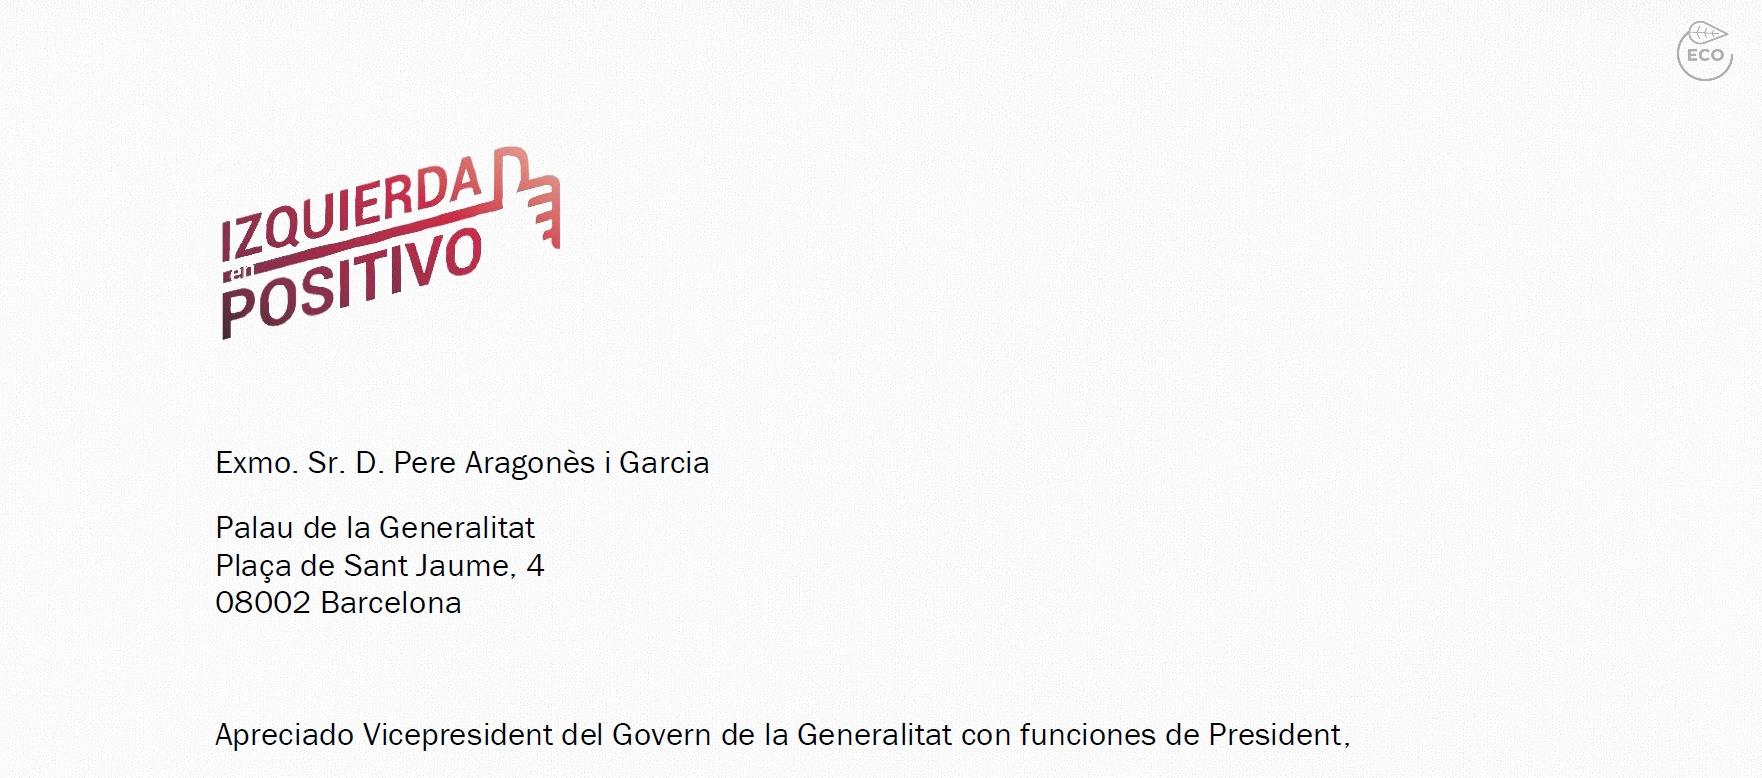 Carta de Izquierda En Positivo al Vicepresident Pere Aragonès